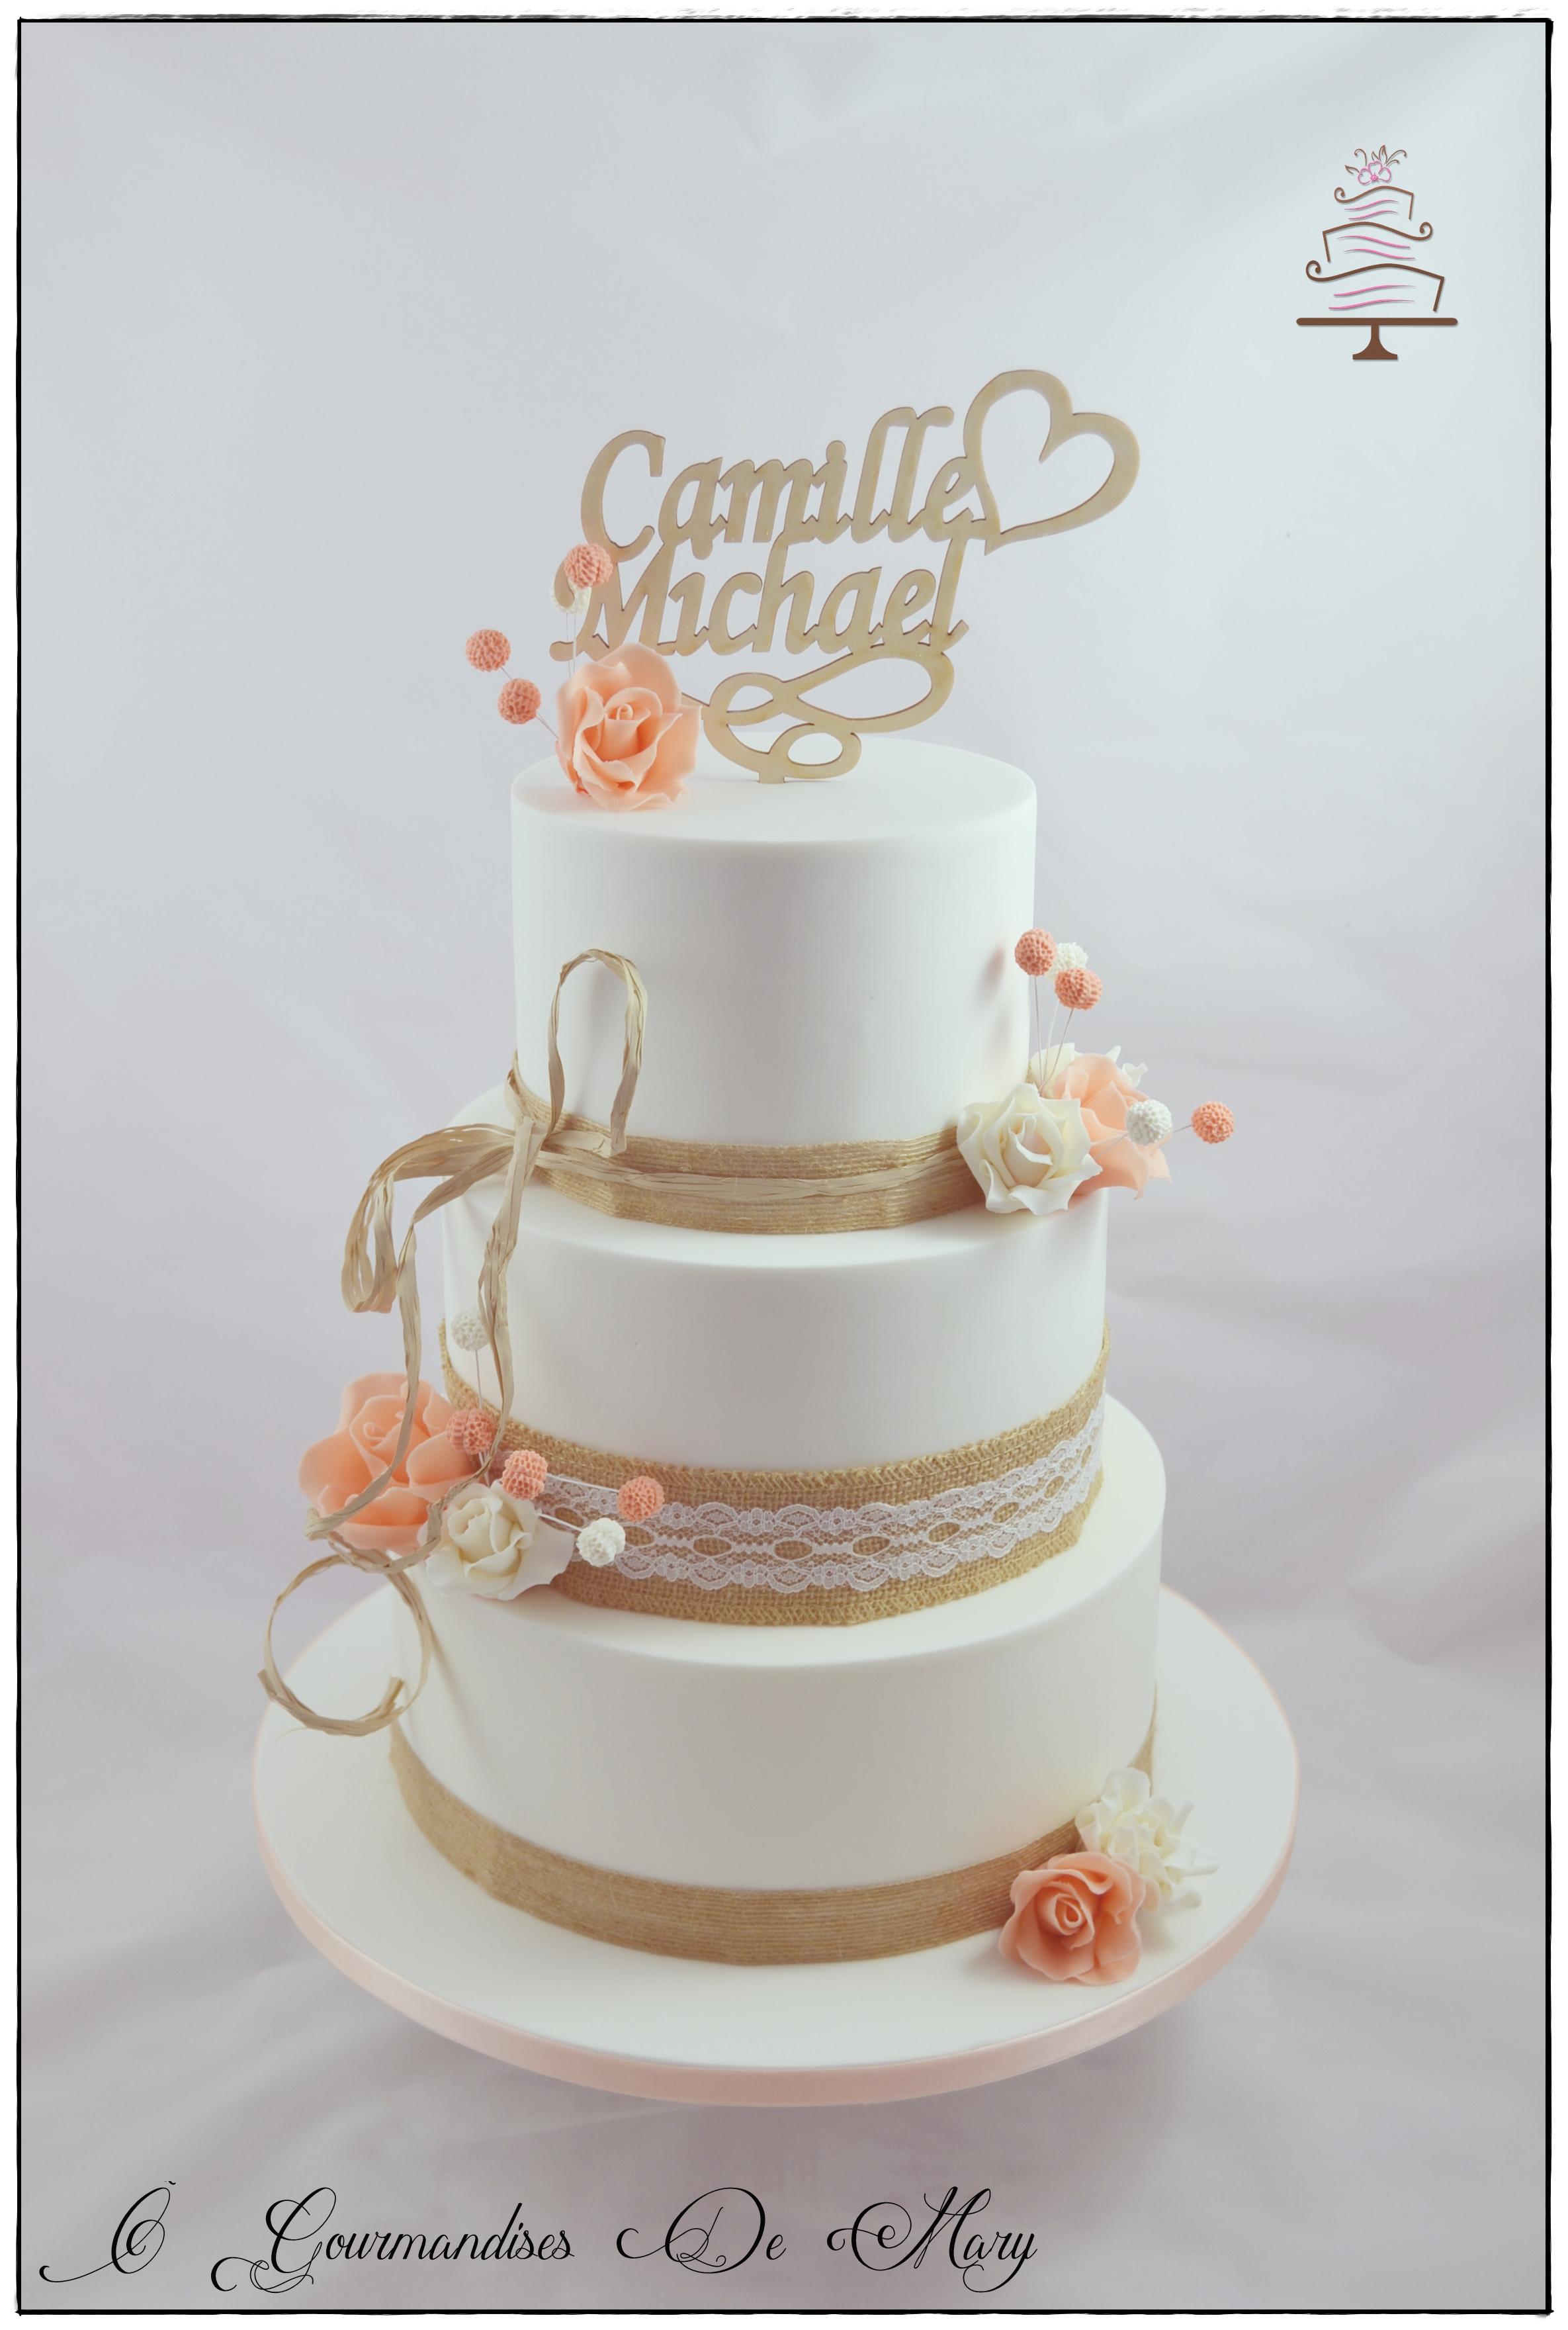 Gateaux Lyon Wedding Cake Lyon